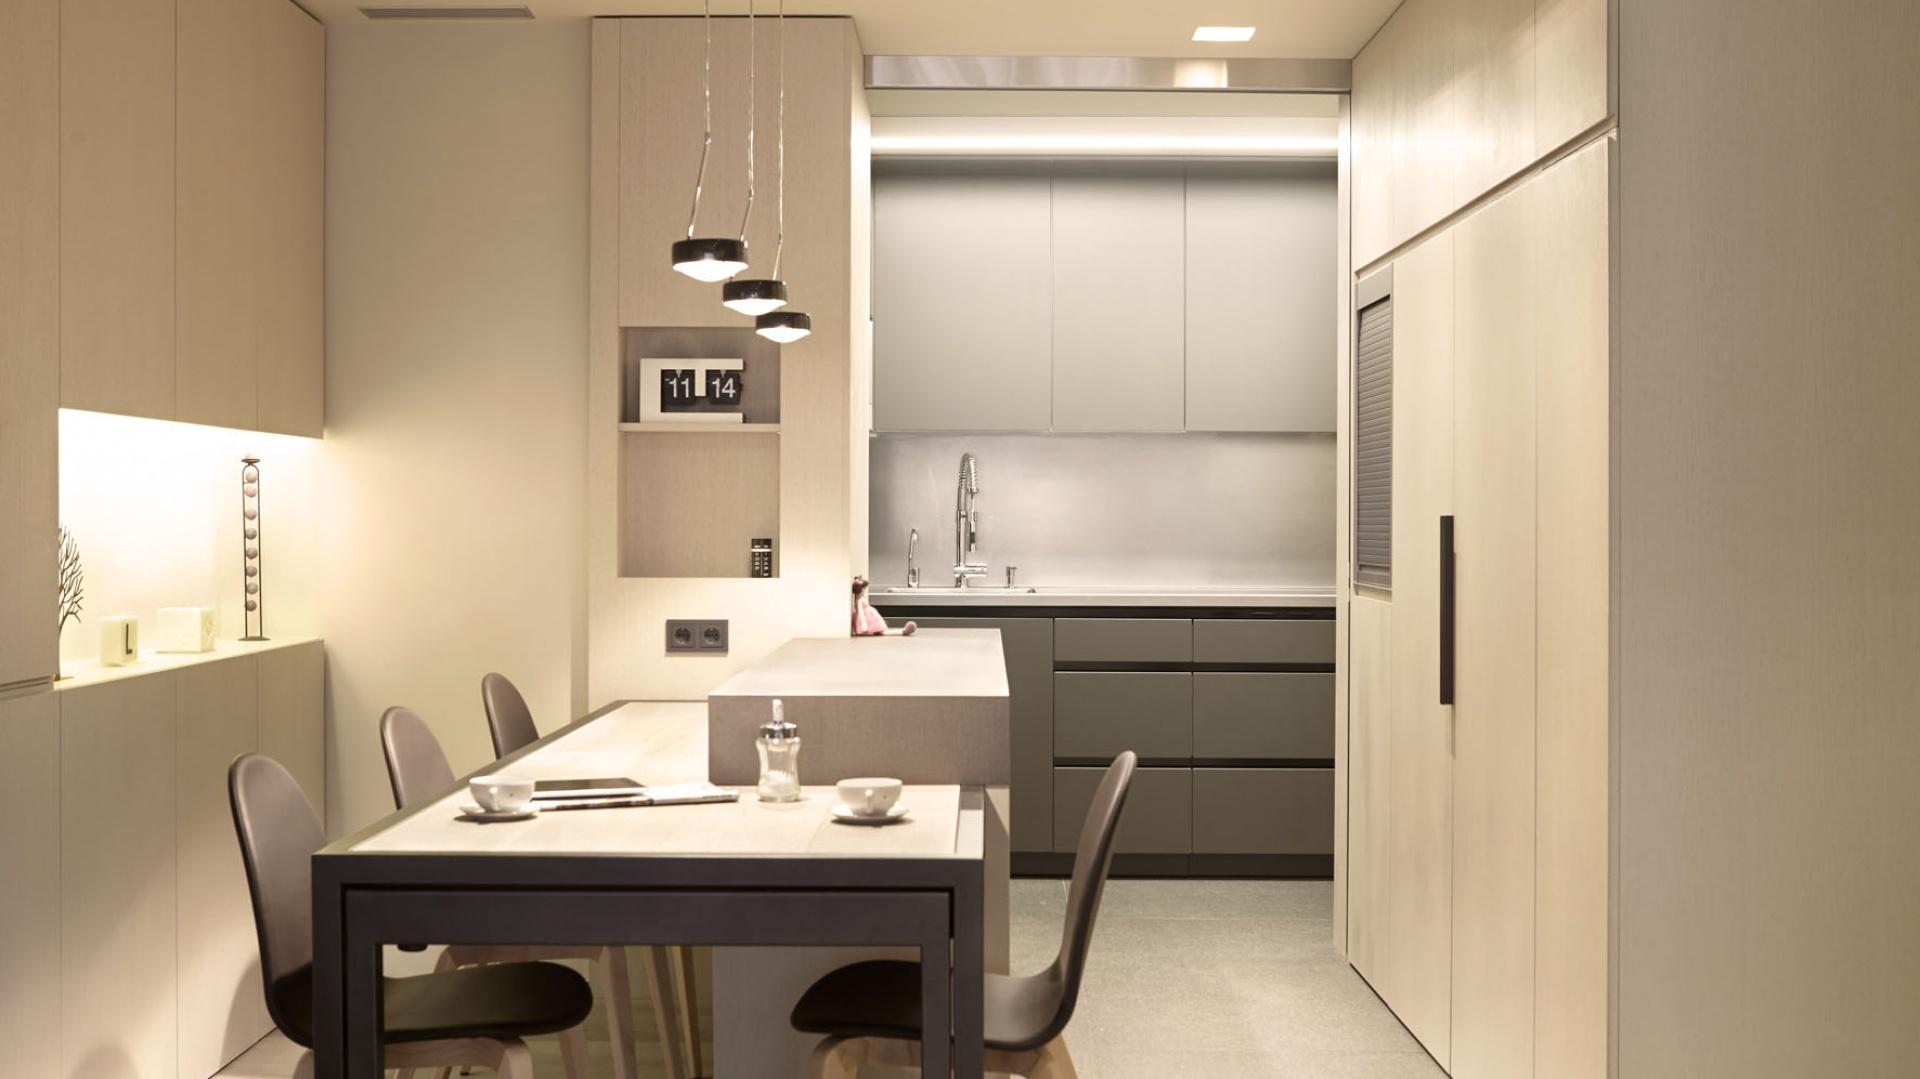 Jadalnia sąsiaduje z kuchnią, którą delikatnie przesłania, połączona ze stołem zabudowa, w której zaplanowano wnękę, pełniącą funkcję otwartych półek. Projekt: Coblonal Arquitectura. Fot. Coblonal Arquitectura.